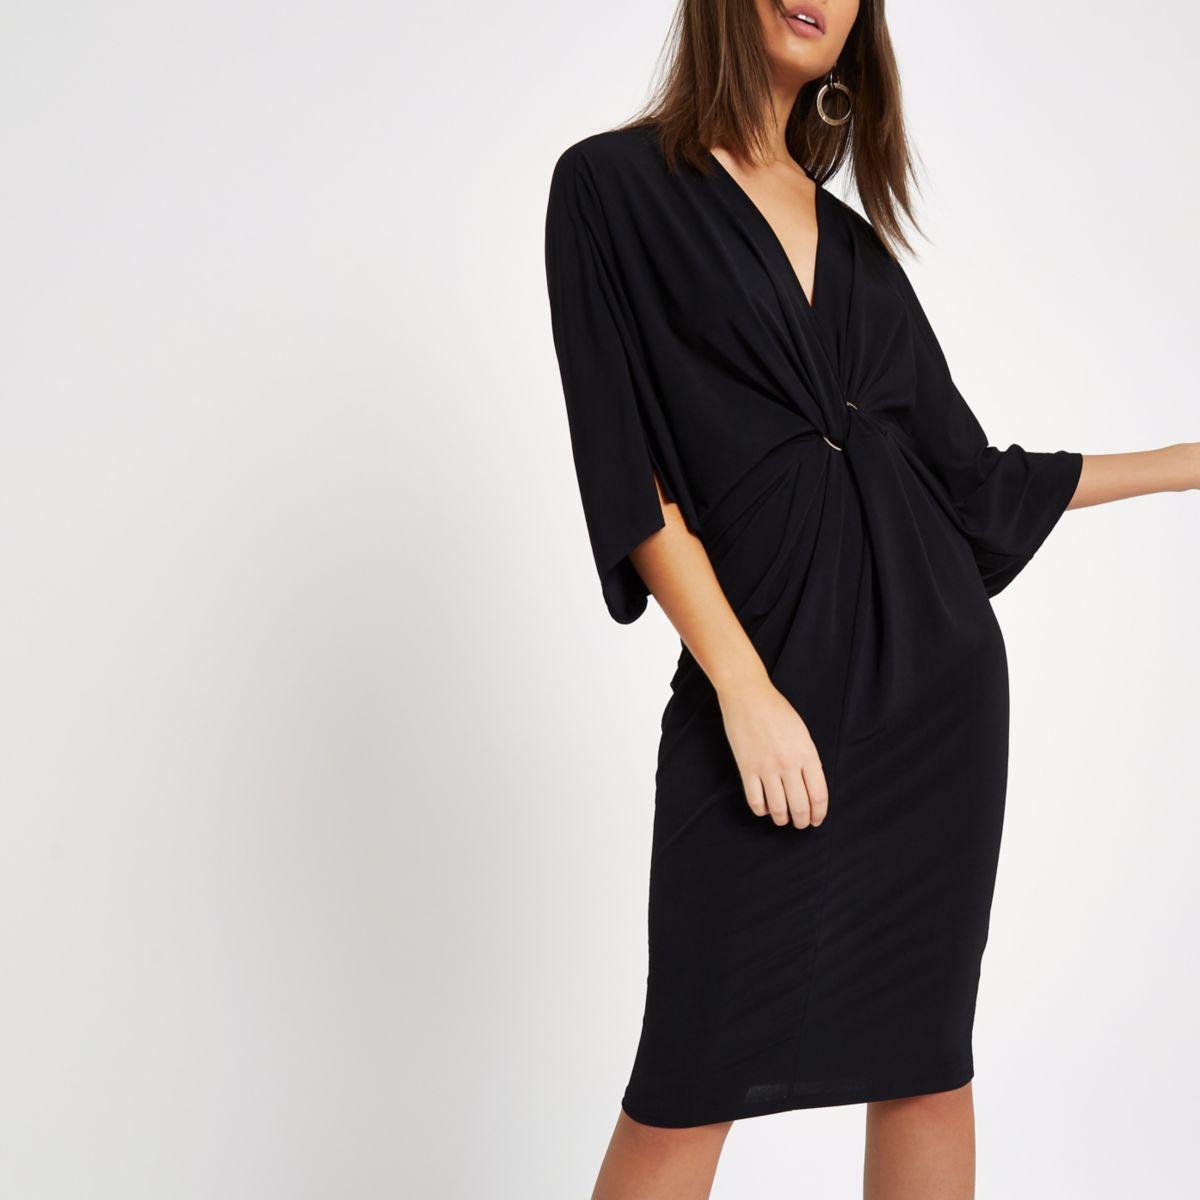 Zwarte midi-jurk met vleermuismouwen en gedraaide voorkant